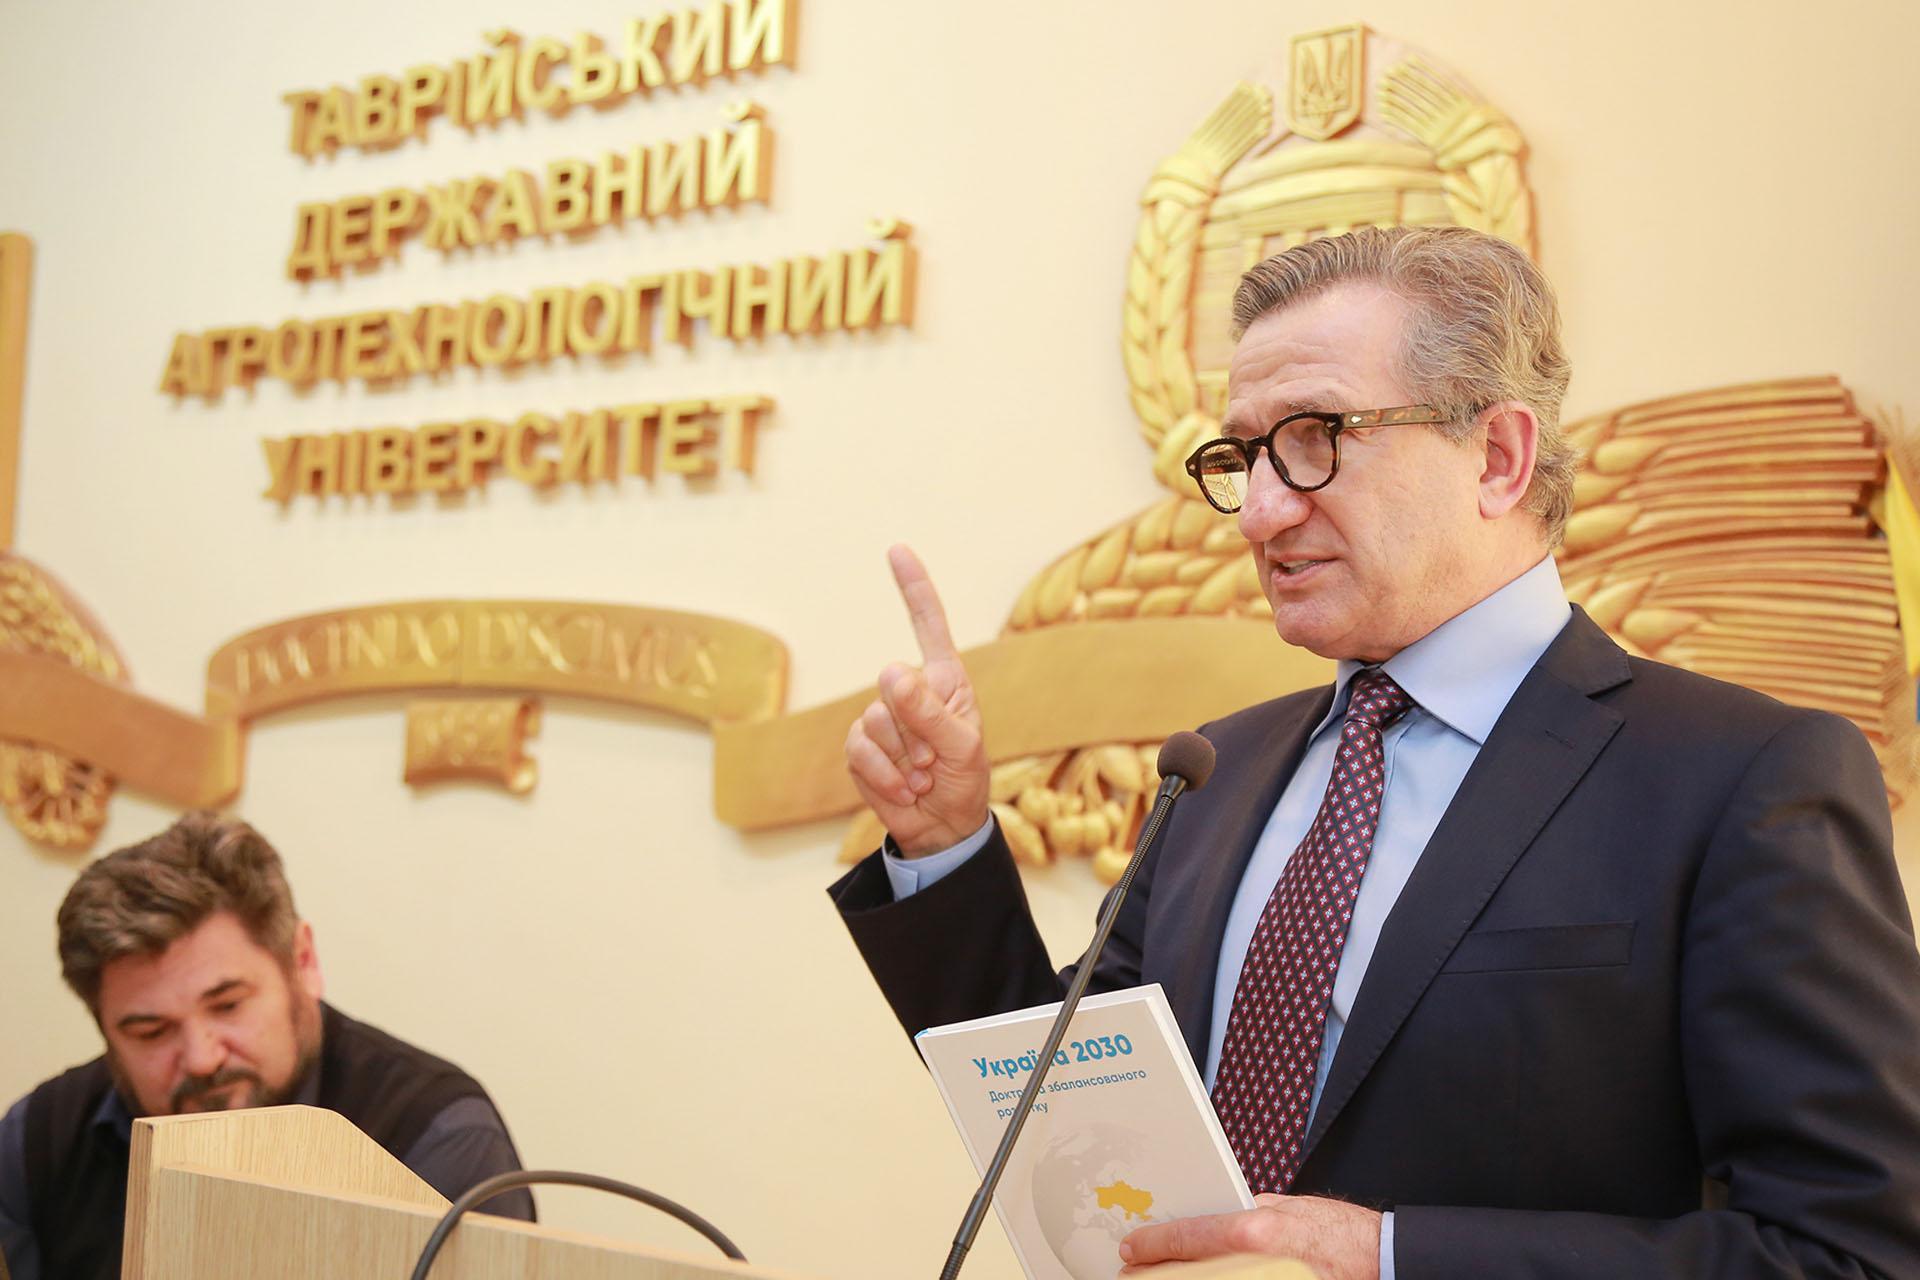 Гість Мелітопольського вишу Сергій Тарута мотивував студентів залишатися в Україні і працювати заради спільного блага